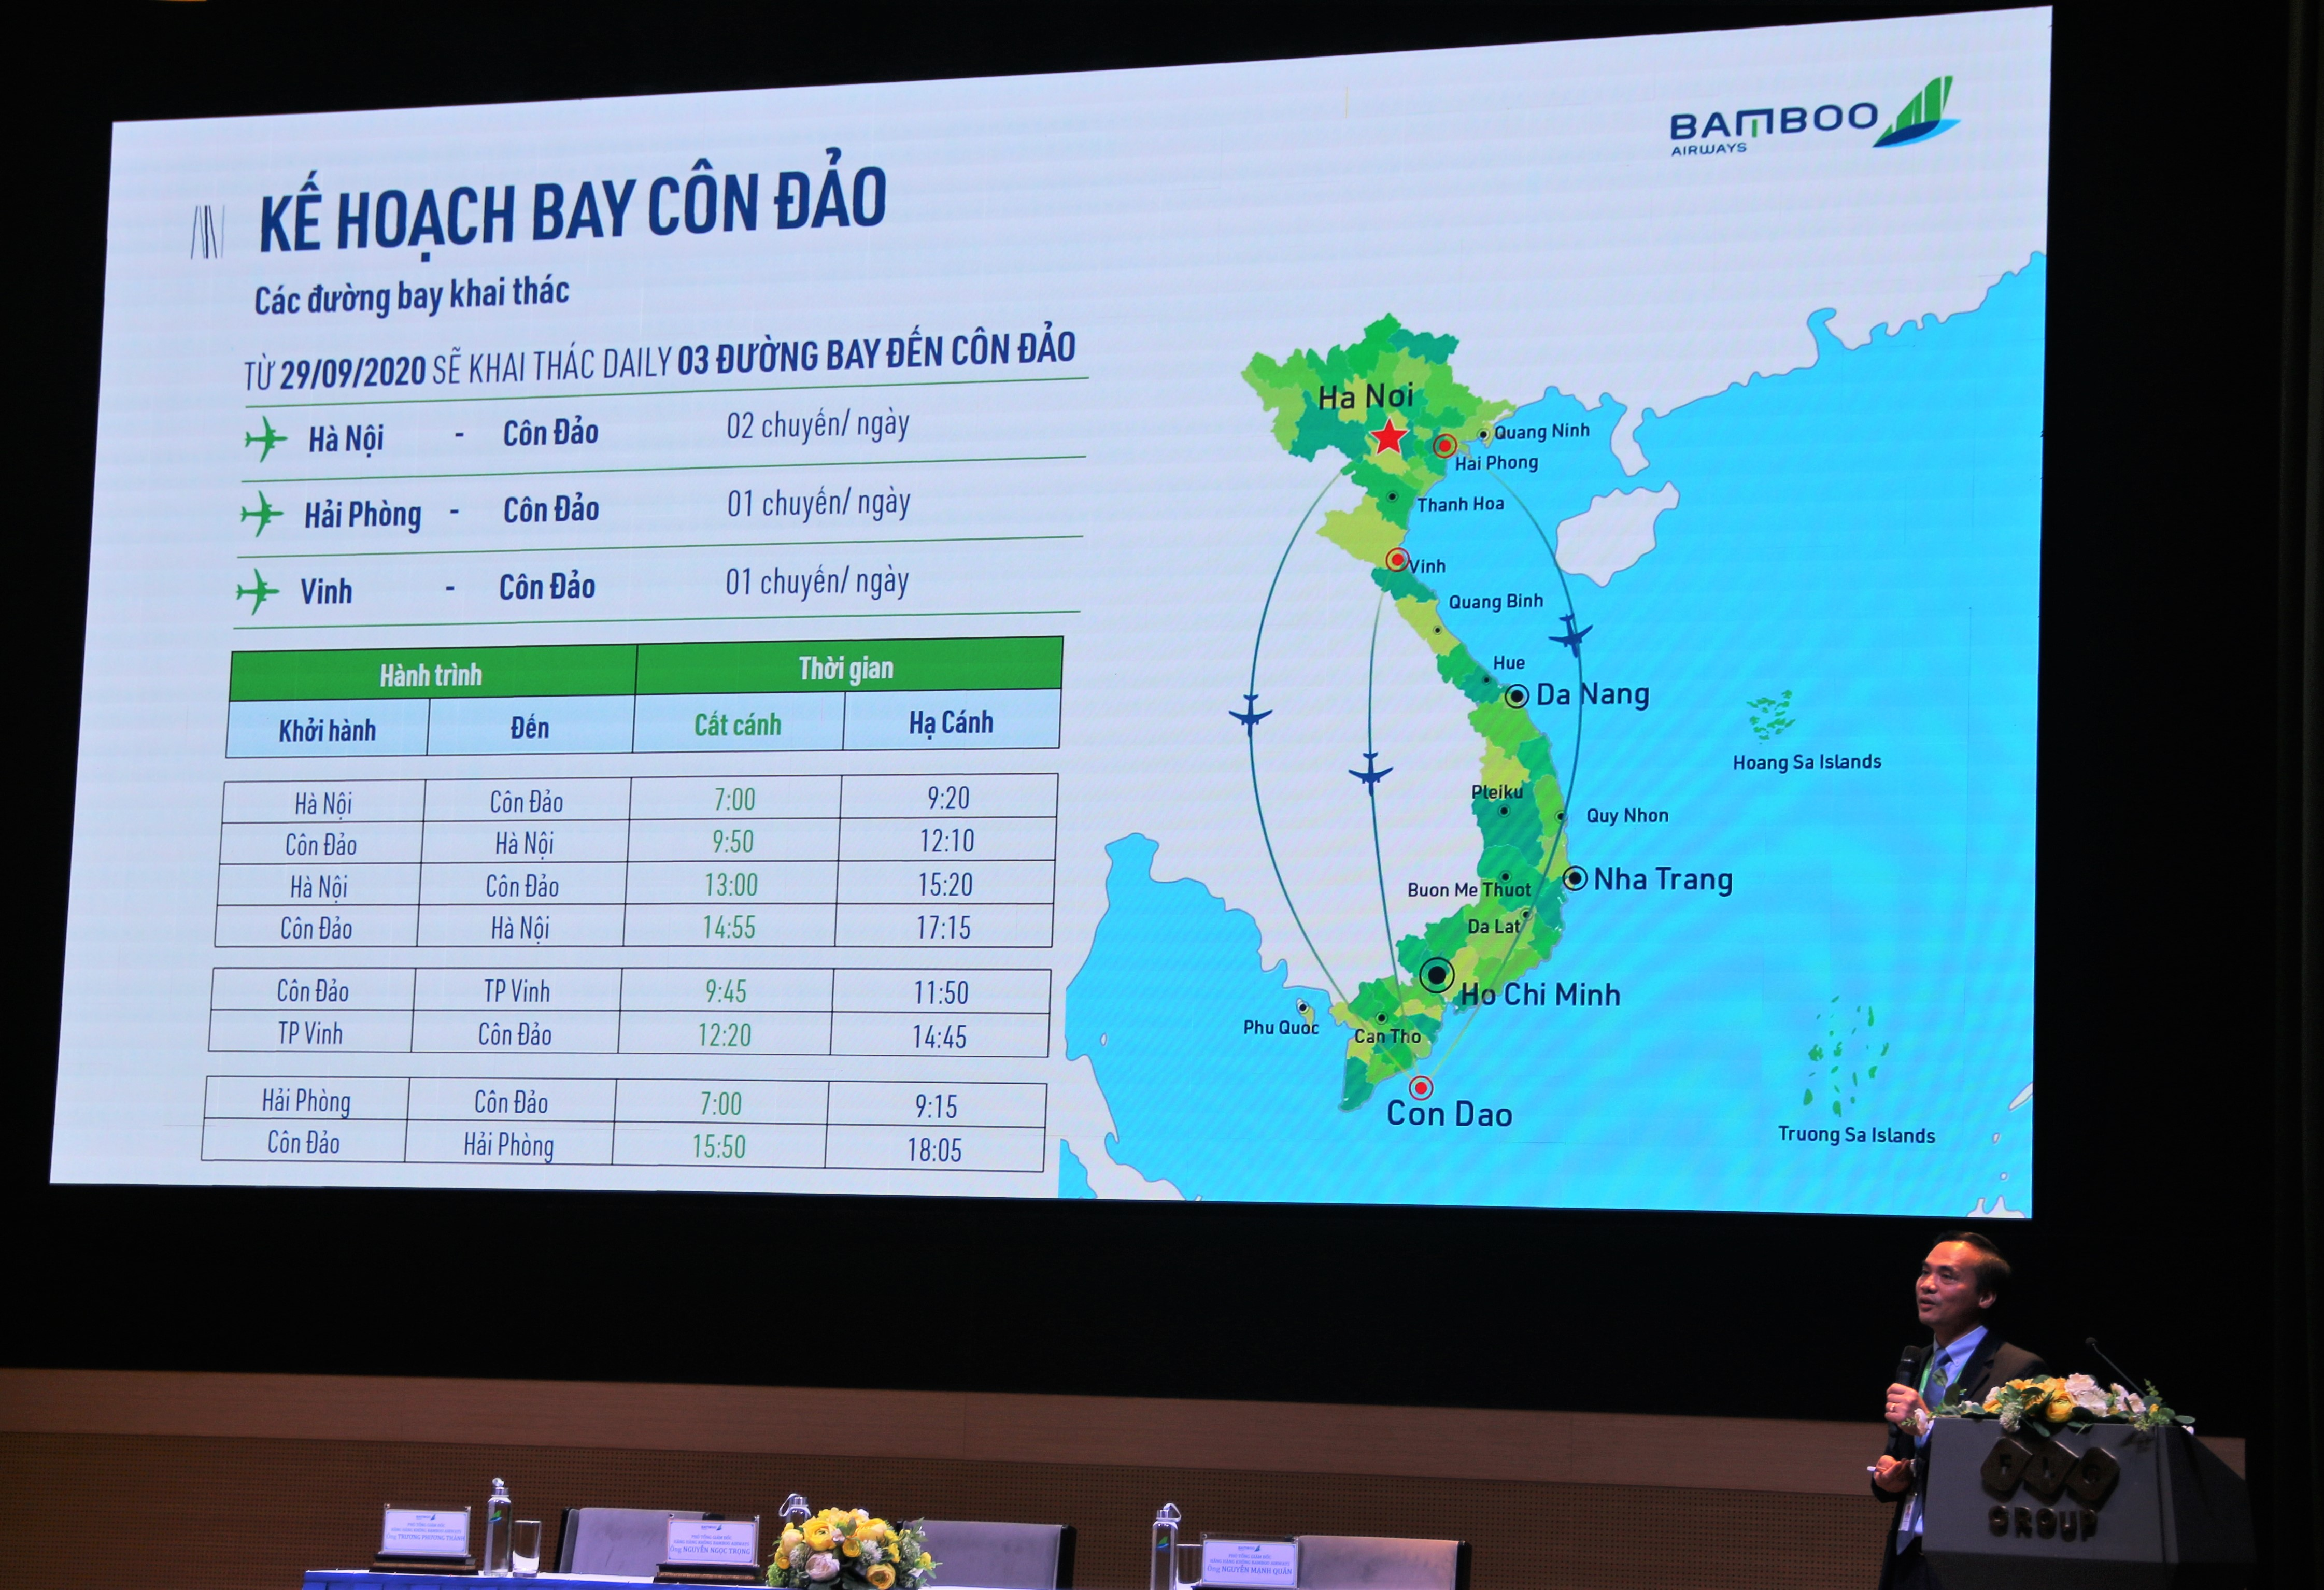 Tính toán của Bamboo Airways khi mở cùng lúc ba đường bay tới Côn Đảo - Ảnh 1.